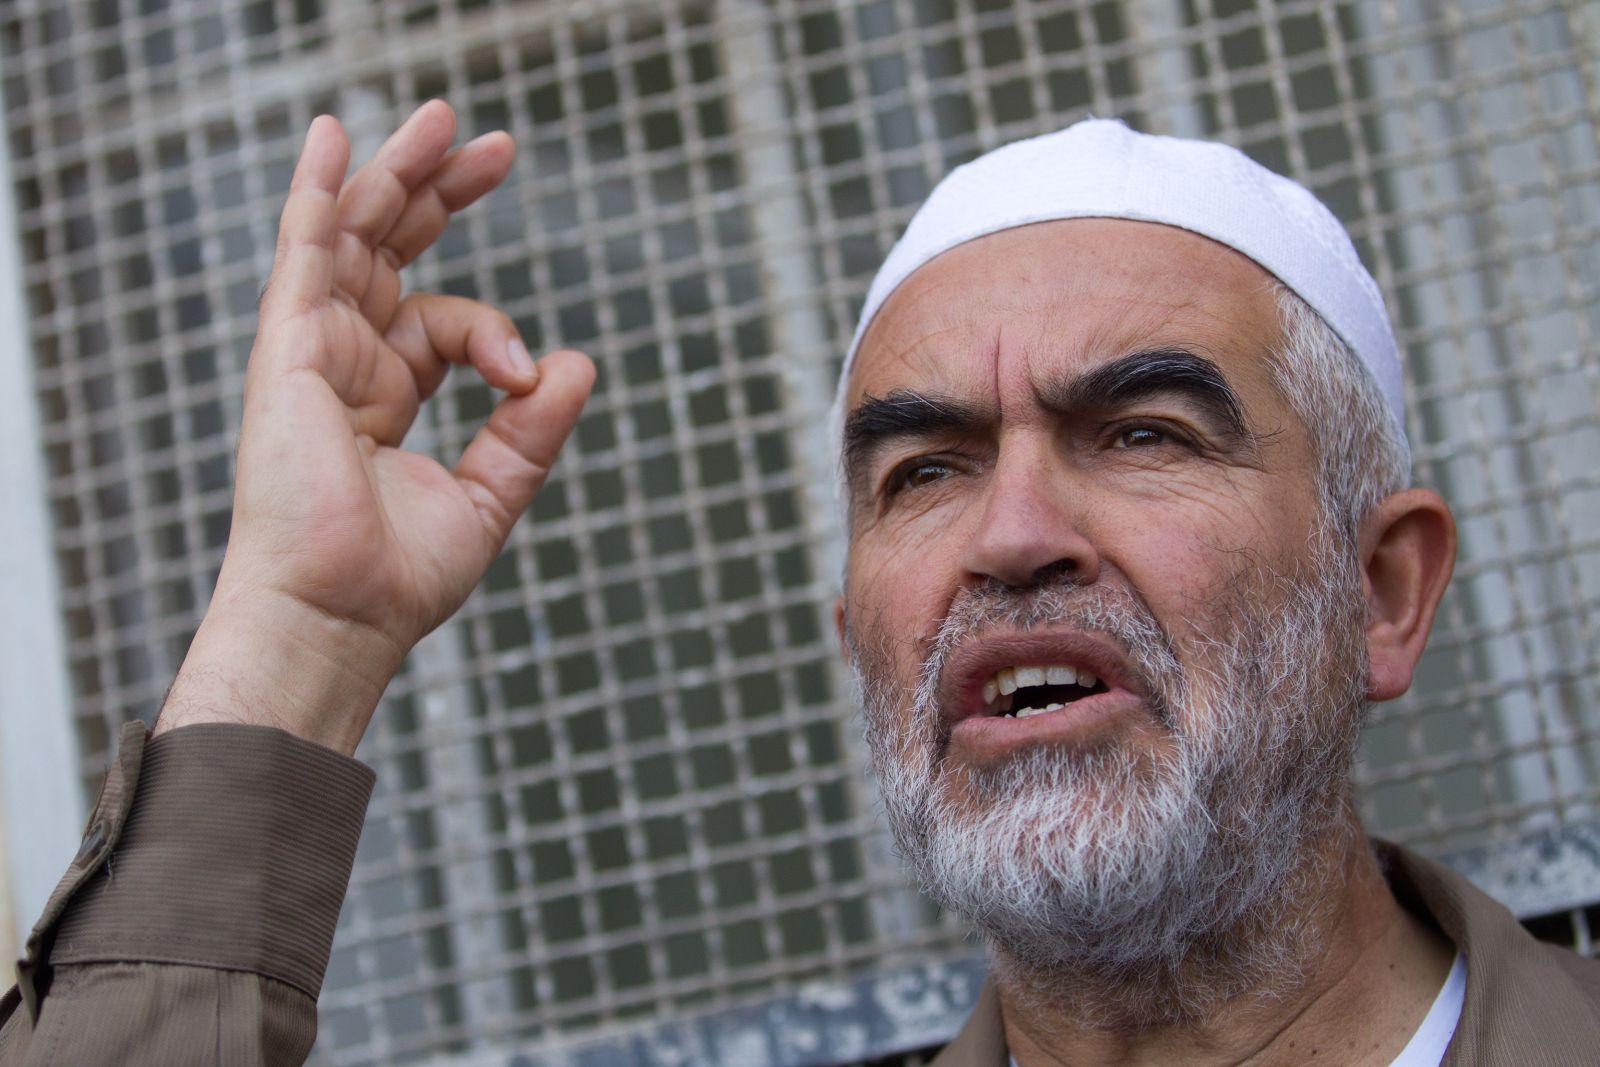 المحكمة الصهيونية تقضي بحبس الشيخ صلاح 28 شهرا